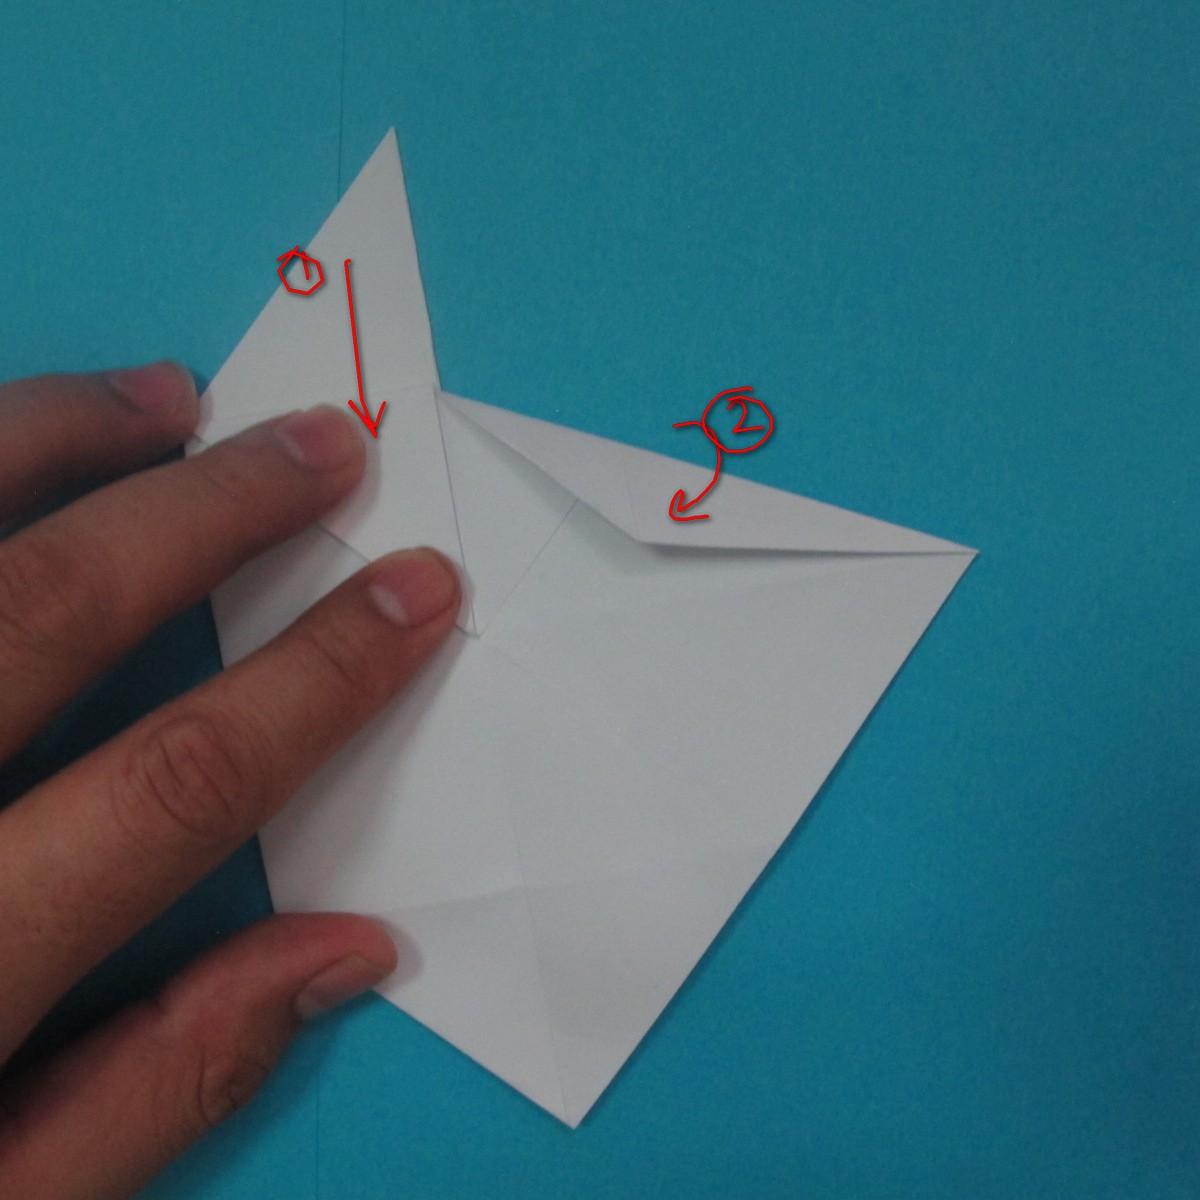 วิธีการพับกระดาษเป็นนกเพนกวิ้น 028